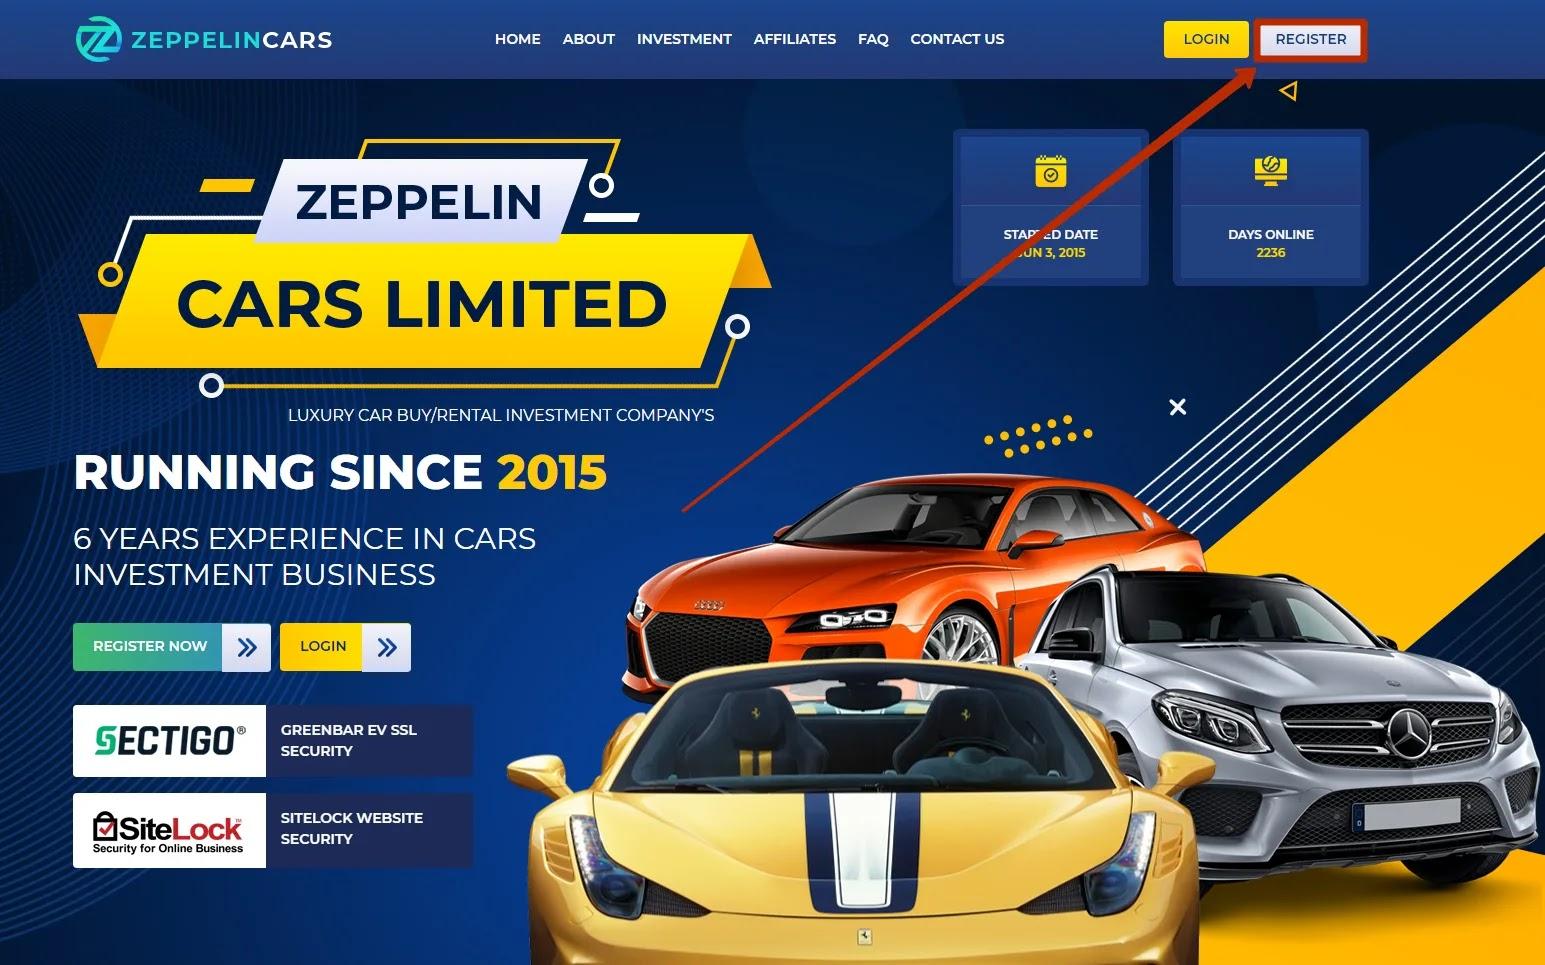 Регистрация в Zeppelin Cars